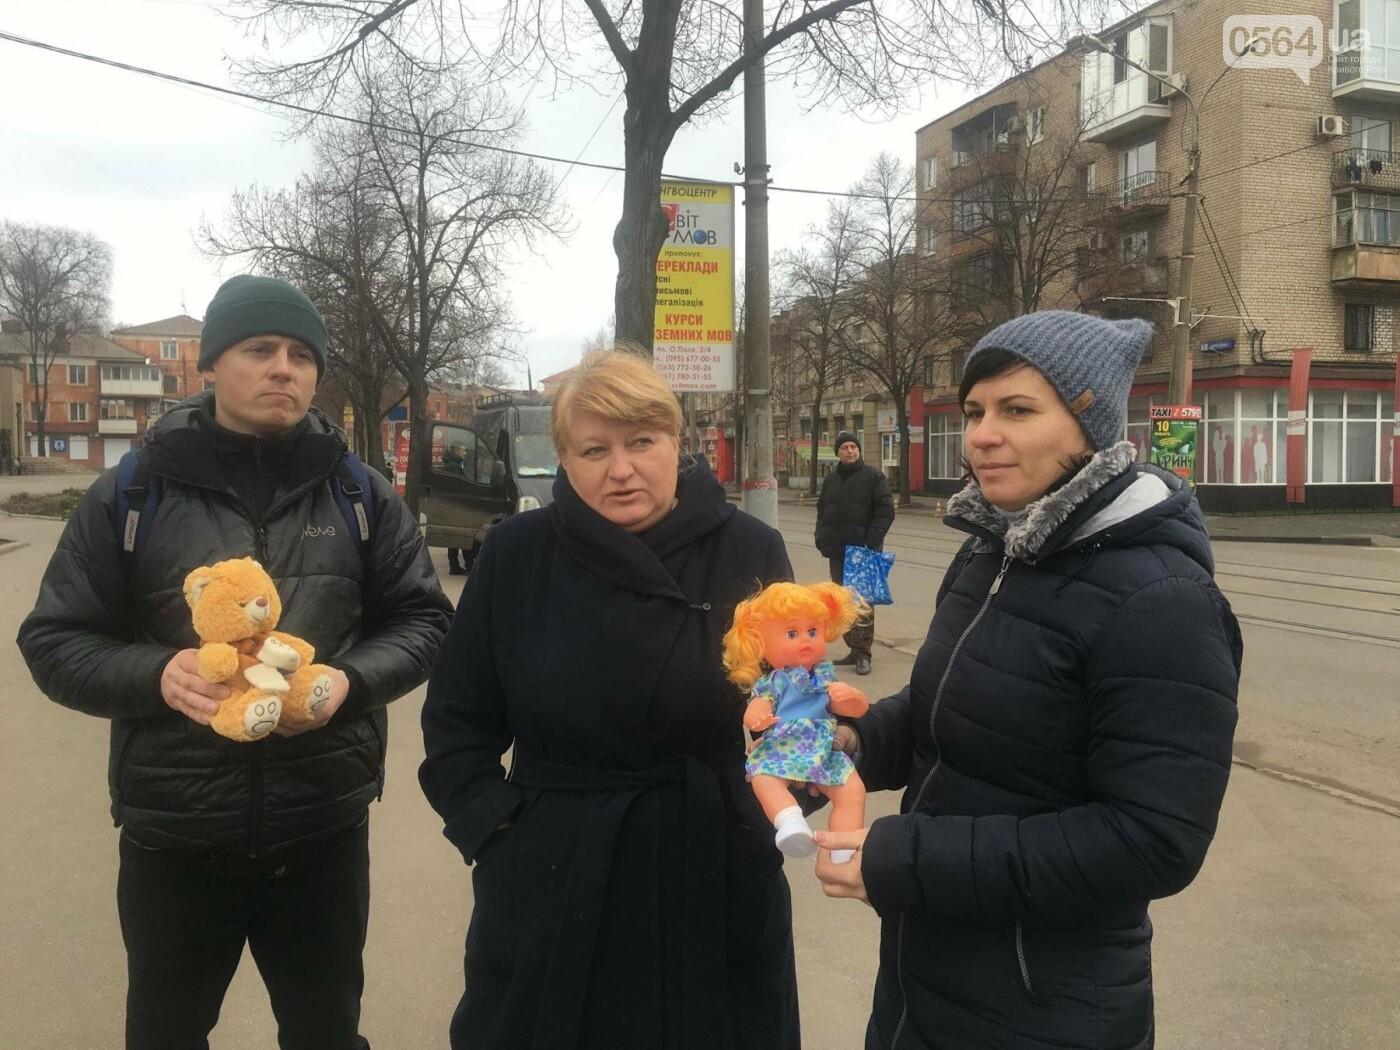 Криворожане, протестуя против политики УПЦ Московского патриархата,  принесли игрушки к храму (ФОТО, ВИДЕО), фото-14